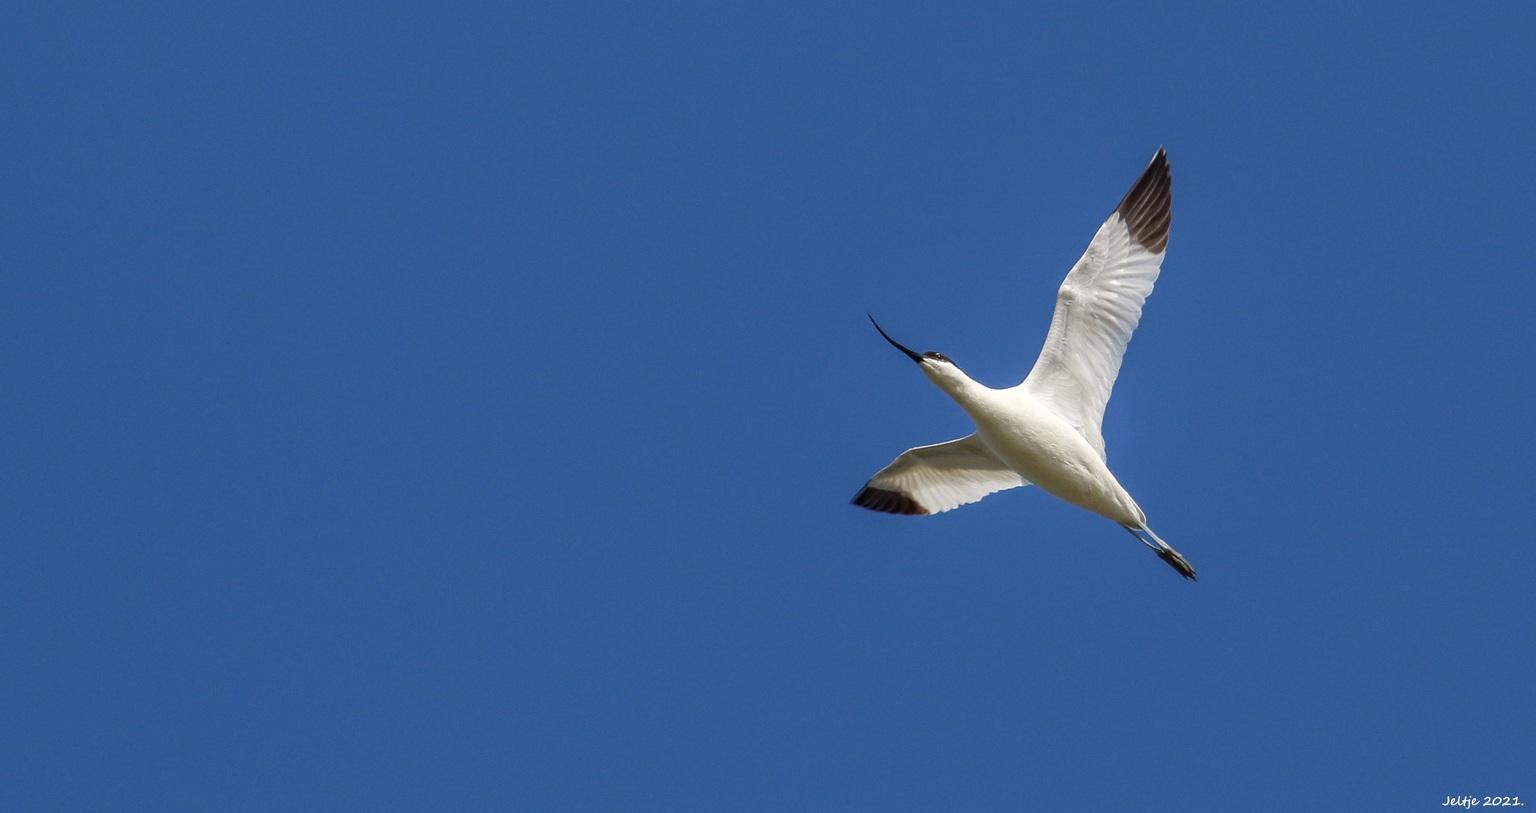 Kluut. - Kluut. - foto door ikjel op 10-04-2021 - deze foto bevat: lucht, vogel, bek, veer, vleugel, staart, zeevogel, migratie van dieren, vogel migratie, elektrisch blauw